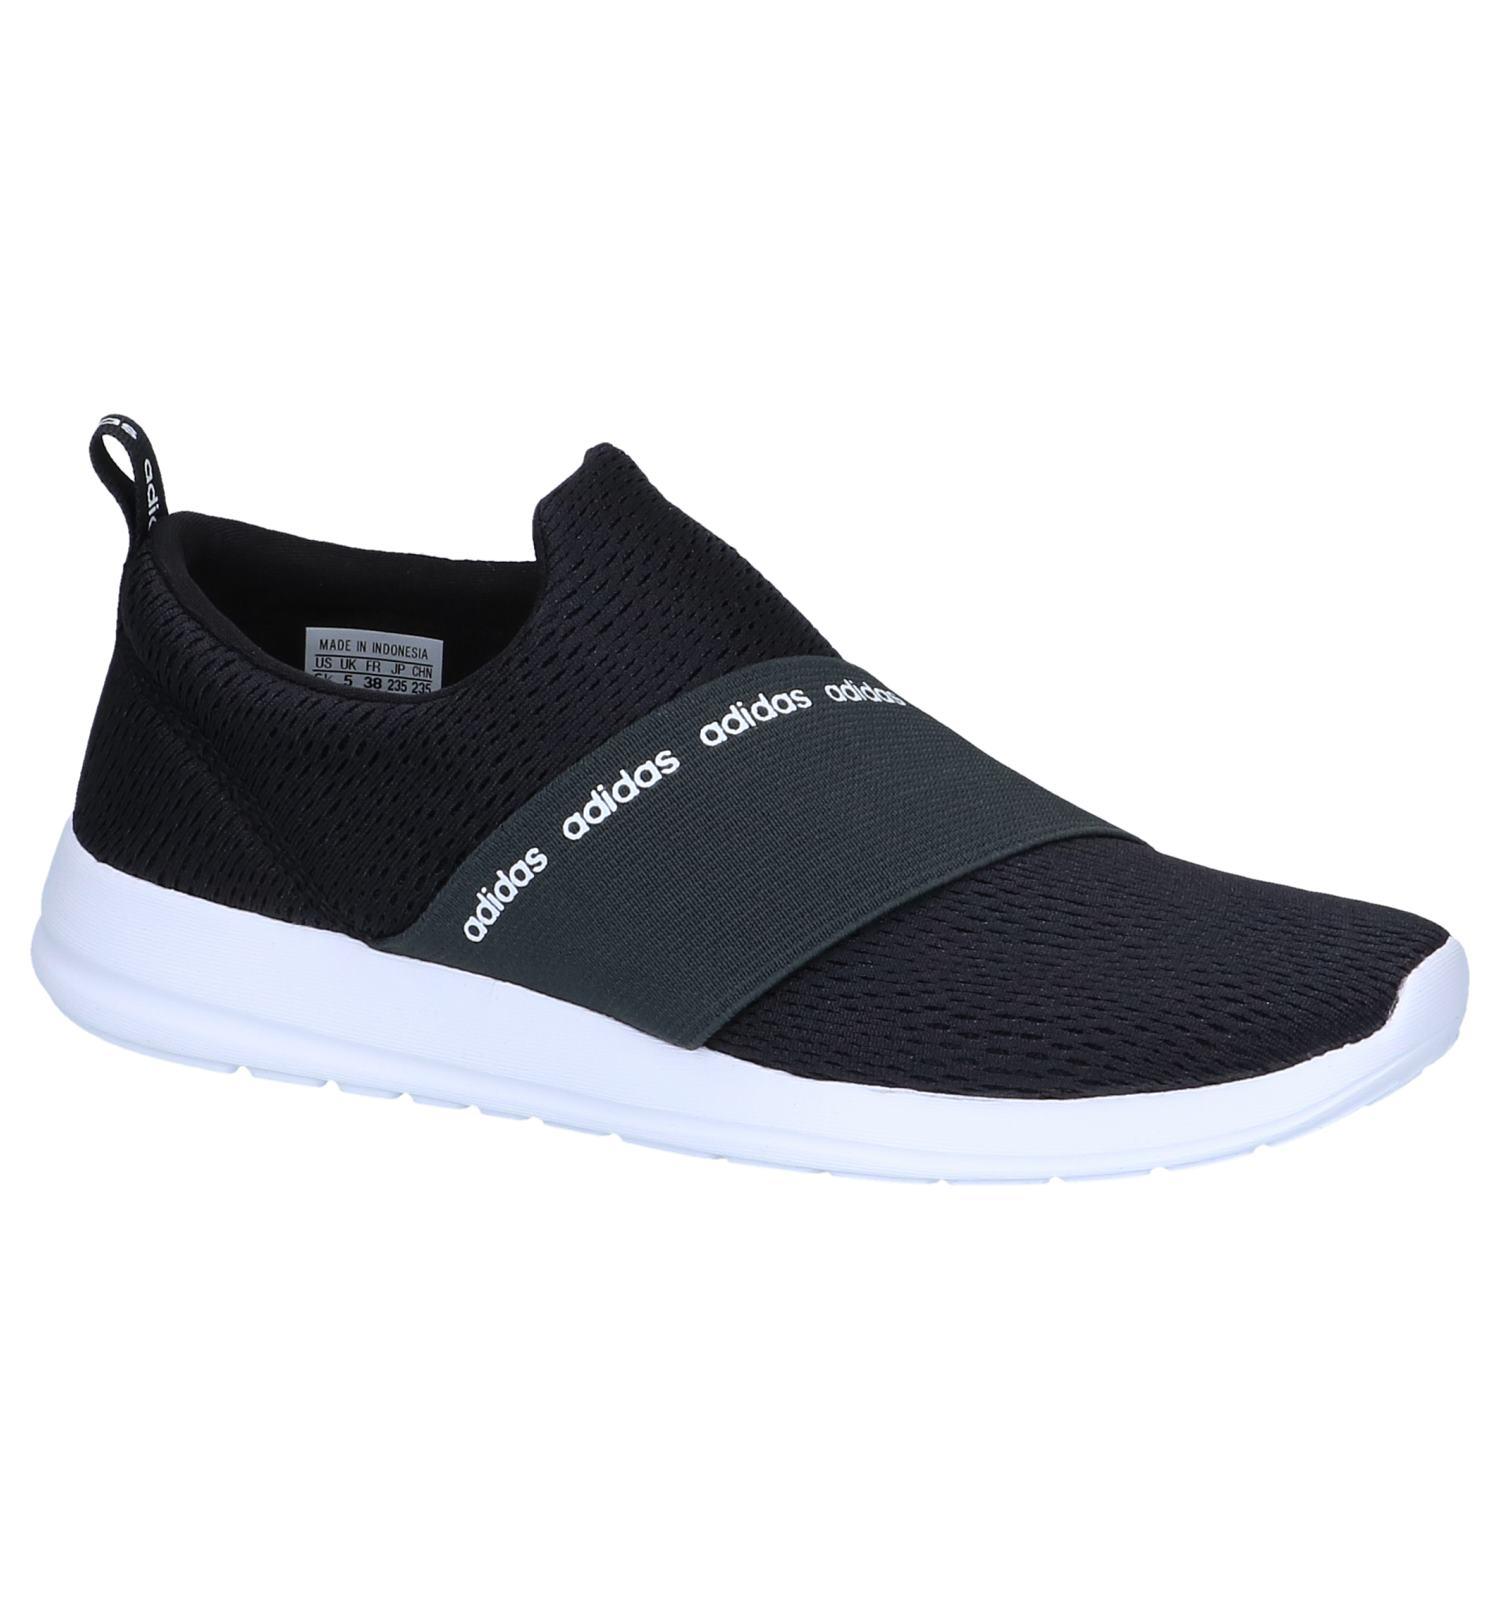 Zwarte Slip on Sneakers adidas CF Refine Adapt | SCHOENENTORFS.NL | Gratis verzend en retour